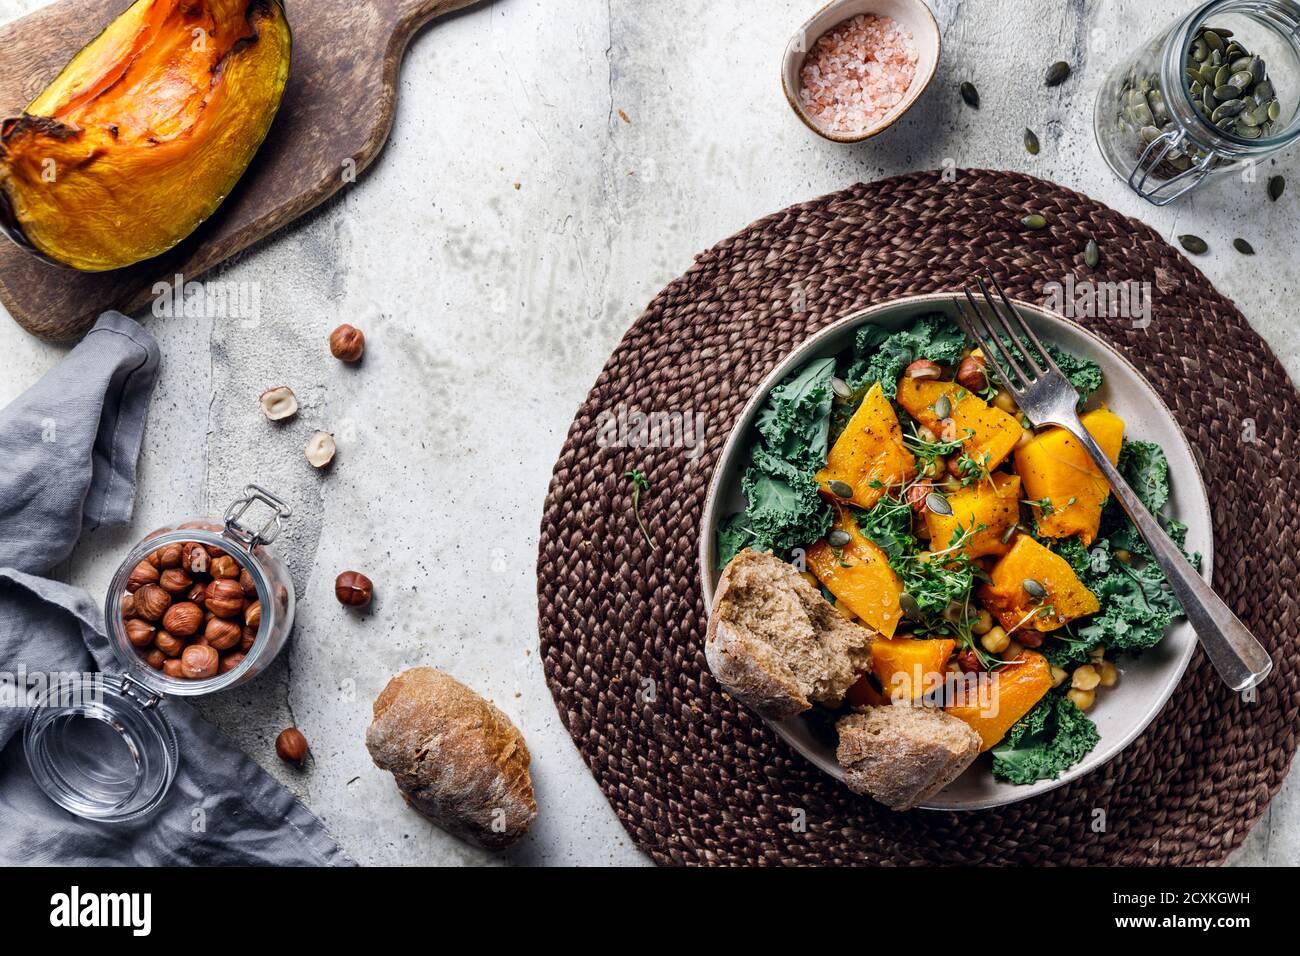 Vue de dessus de salade de saison avec citrouille grillée, chou frisé, pois chiches, pepitas et noix. Recette végétarienne d'automne saine. Banque D'Images